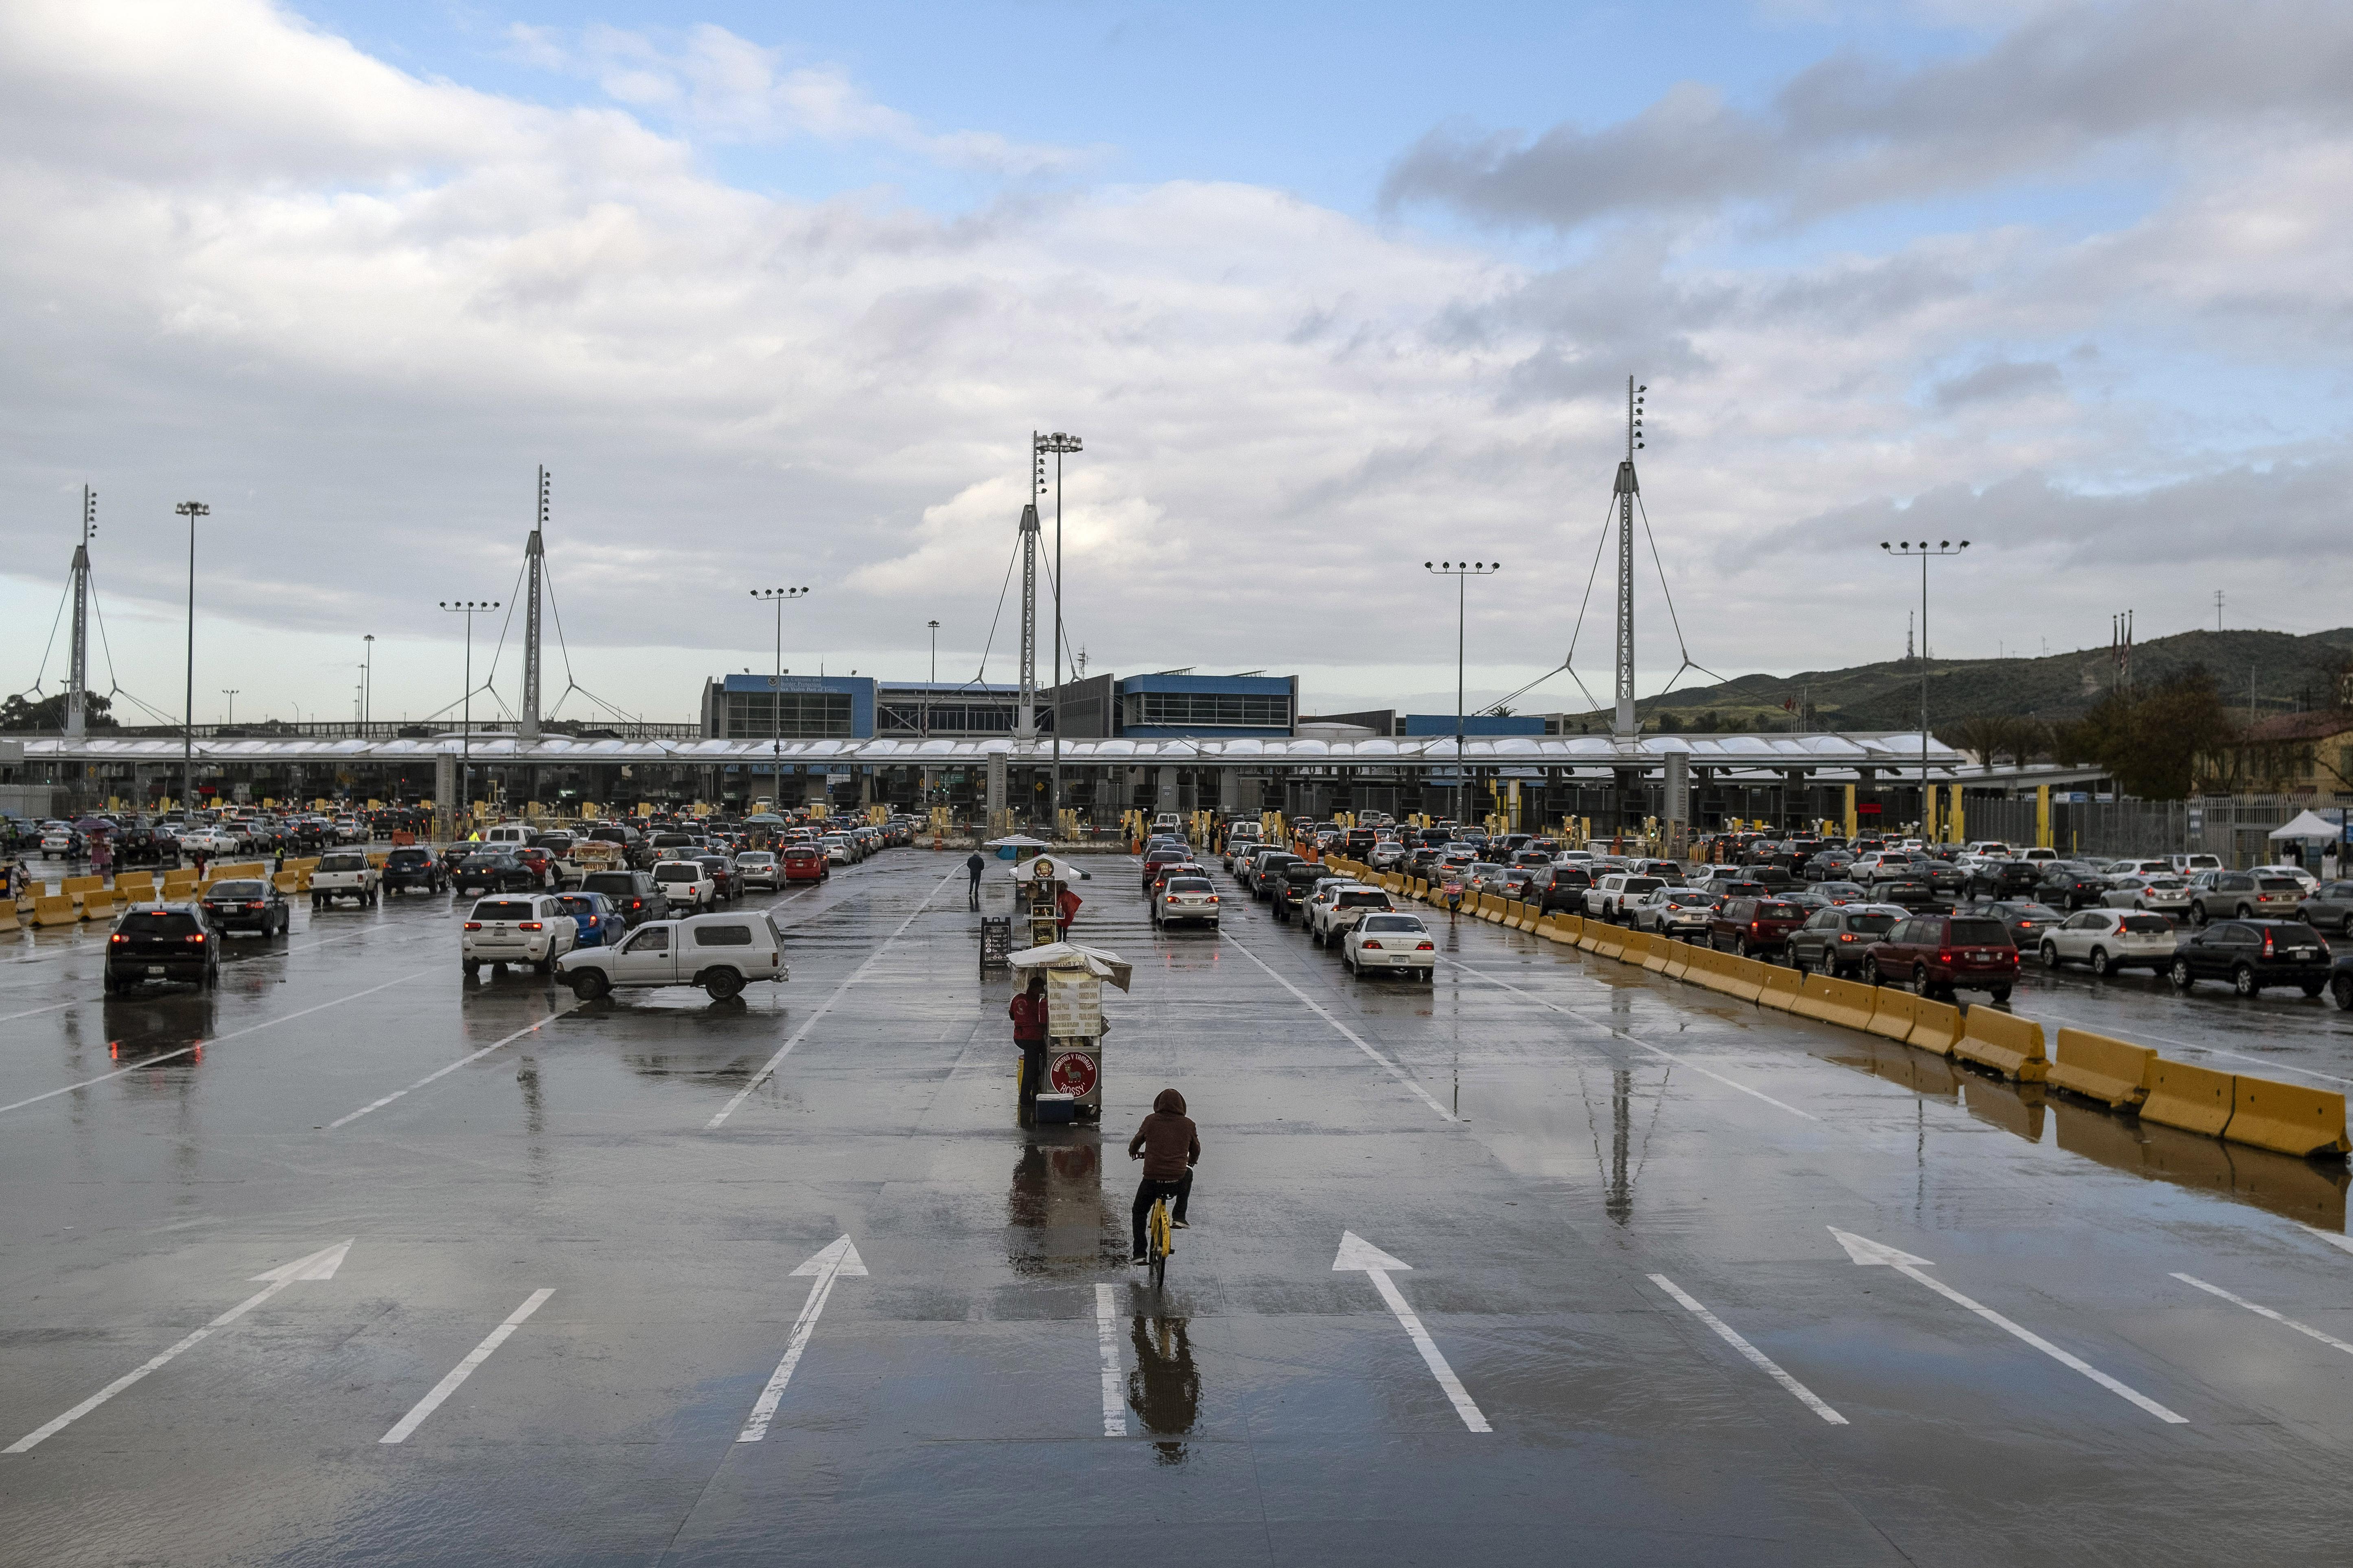 Vista del puerto de entrada de San Ysidro cuando pocos automóviles ingresan a los EE. UU. Desde Tijuana, estado de Baja California, México, el 19 de marzo de 2020. - El presidente Donald Trump anunció el miércoles medidas más fuertes en la frontera debido a la pandemia del coronavirus COVID-19, incluyendo la negación a todos los solicitantes de asilo.